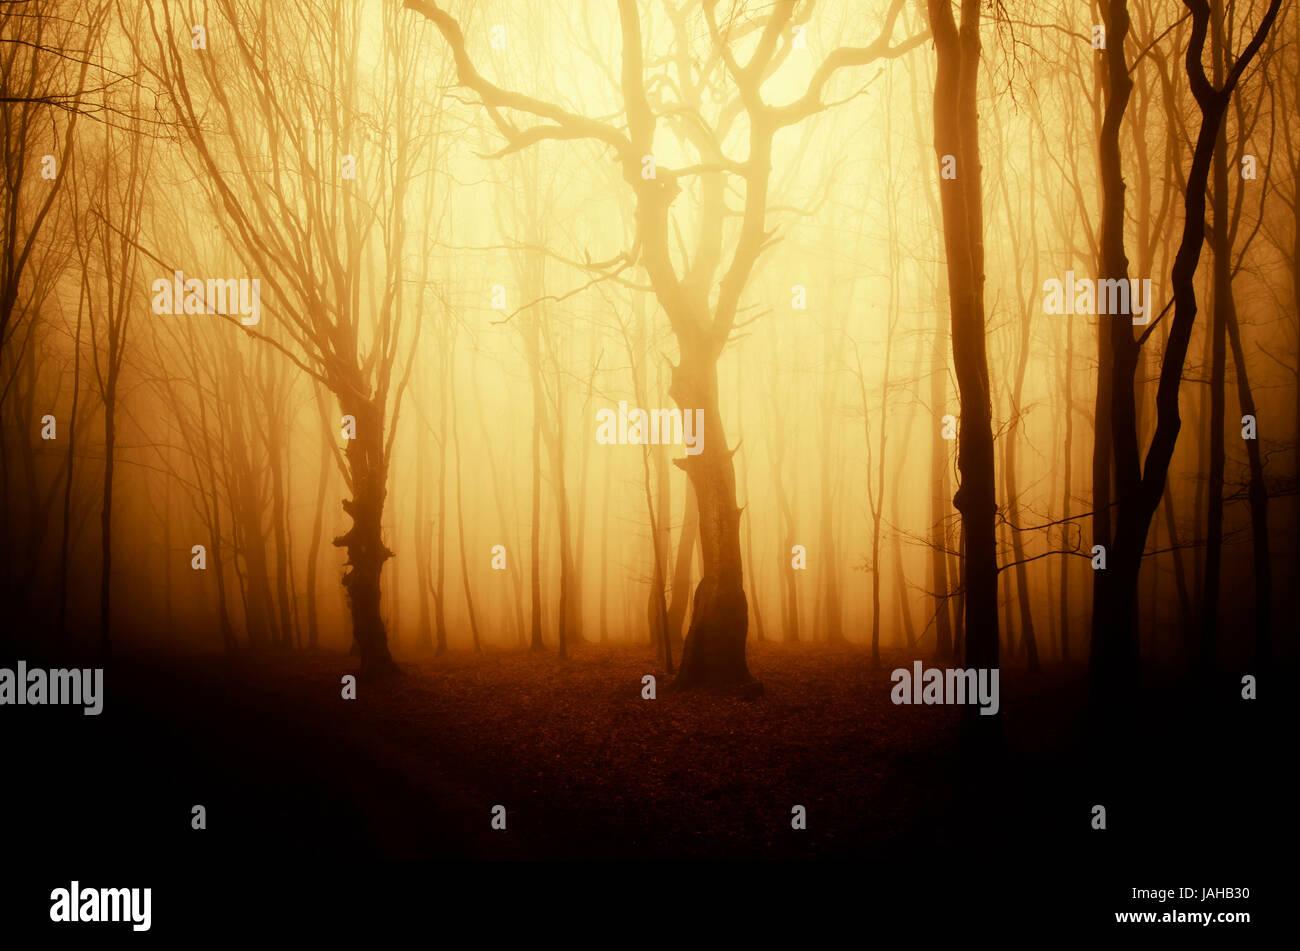 Luz del atardecer de otoño dorado en la fantasía de fondo forestal Imagen De Stock